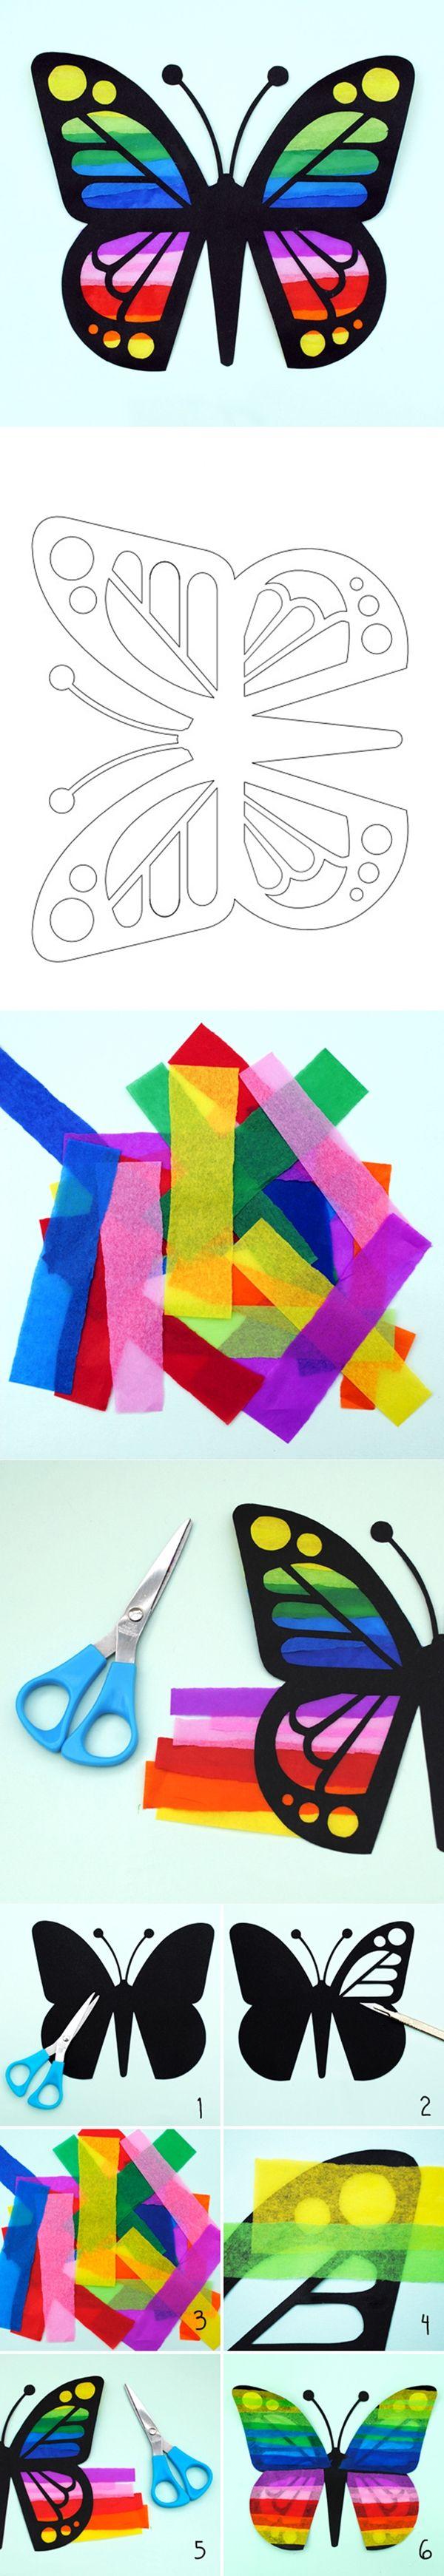 Eva Kağıdından Kelebek Yapımı Eva kağıdından yapılanlar köşesine yeni bir çalışma ekliyoruz. Bu yazımızda renkli eva kağıtları kullanarak harika kelebek şekilleri, kelebek figürleri oluşturabilecek…